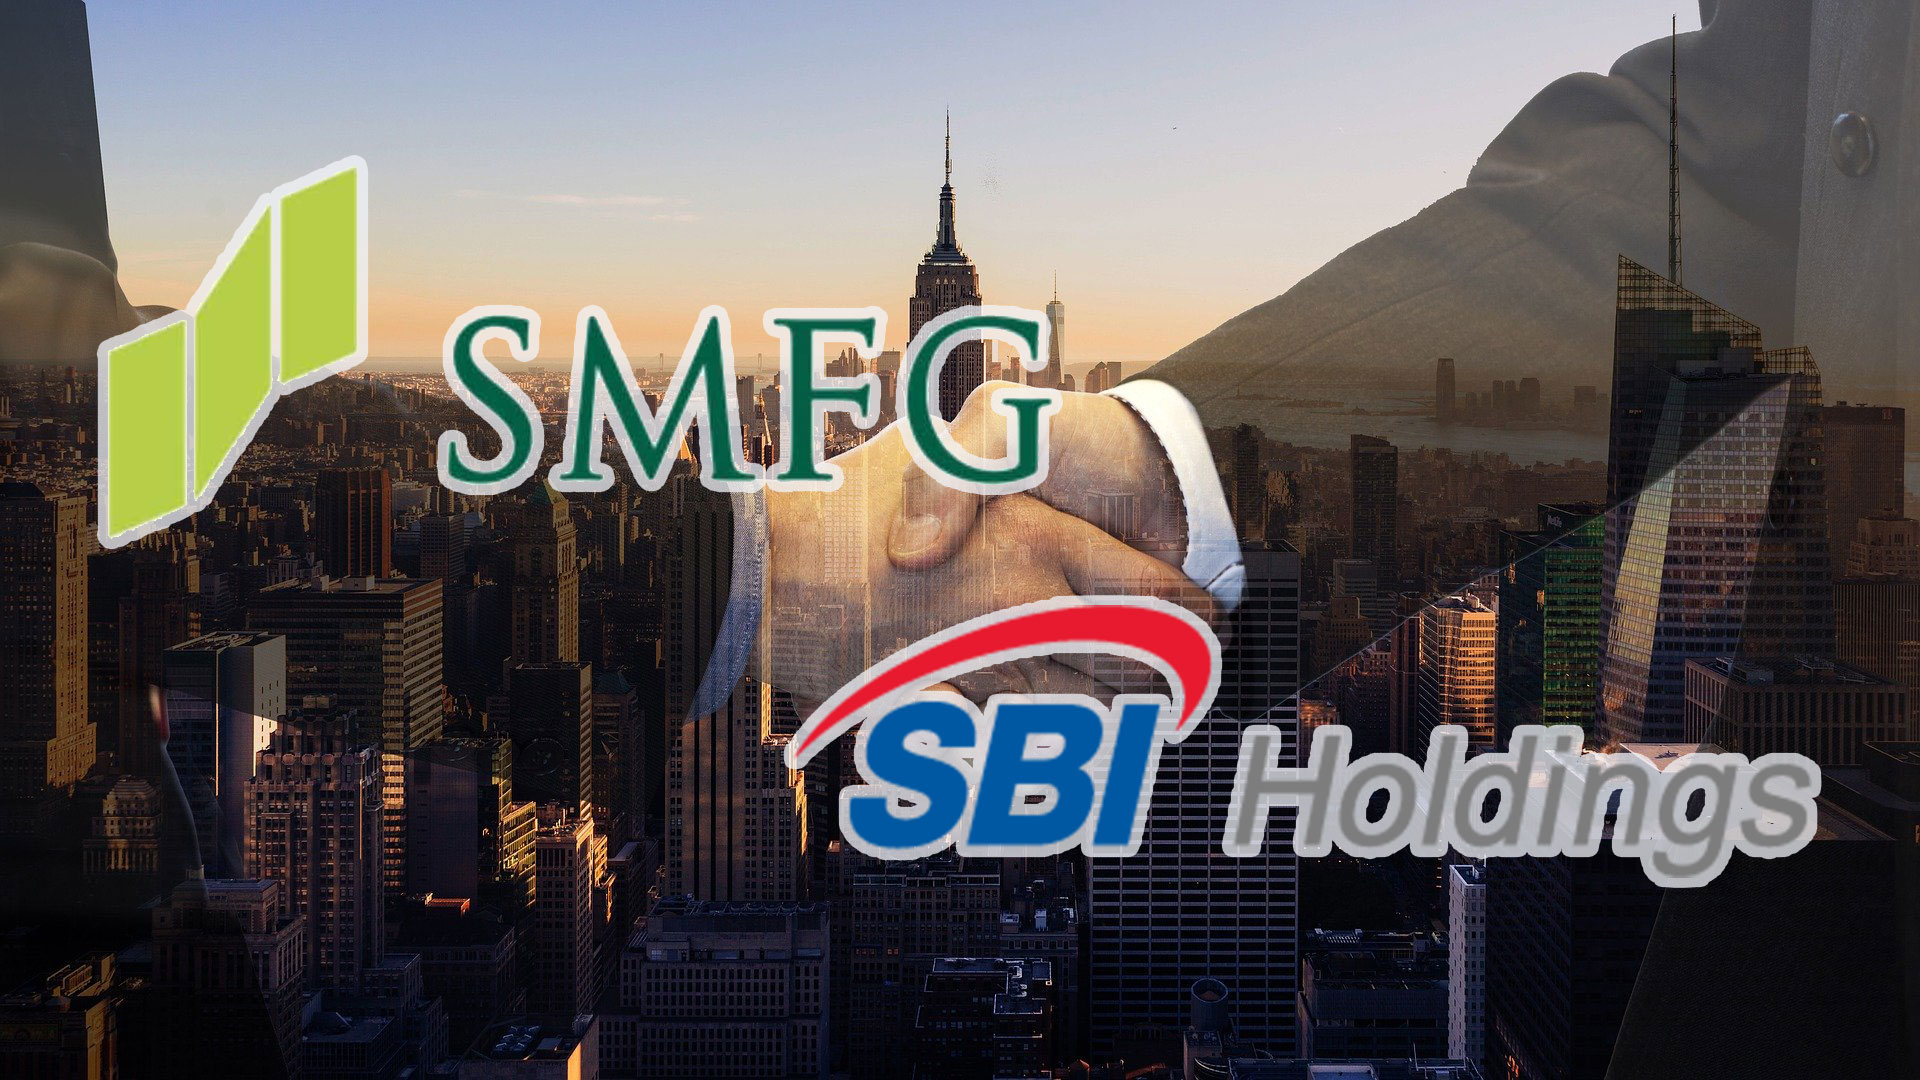 三井住友フィナンシャルグループとSBIホールディングス、スマホ向け金融サービスで業務提携